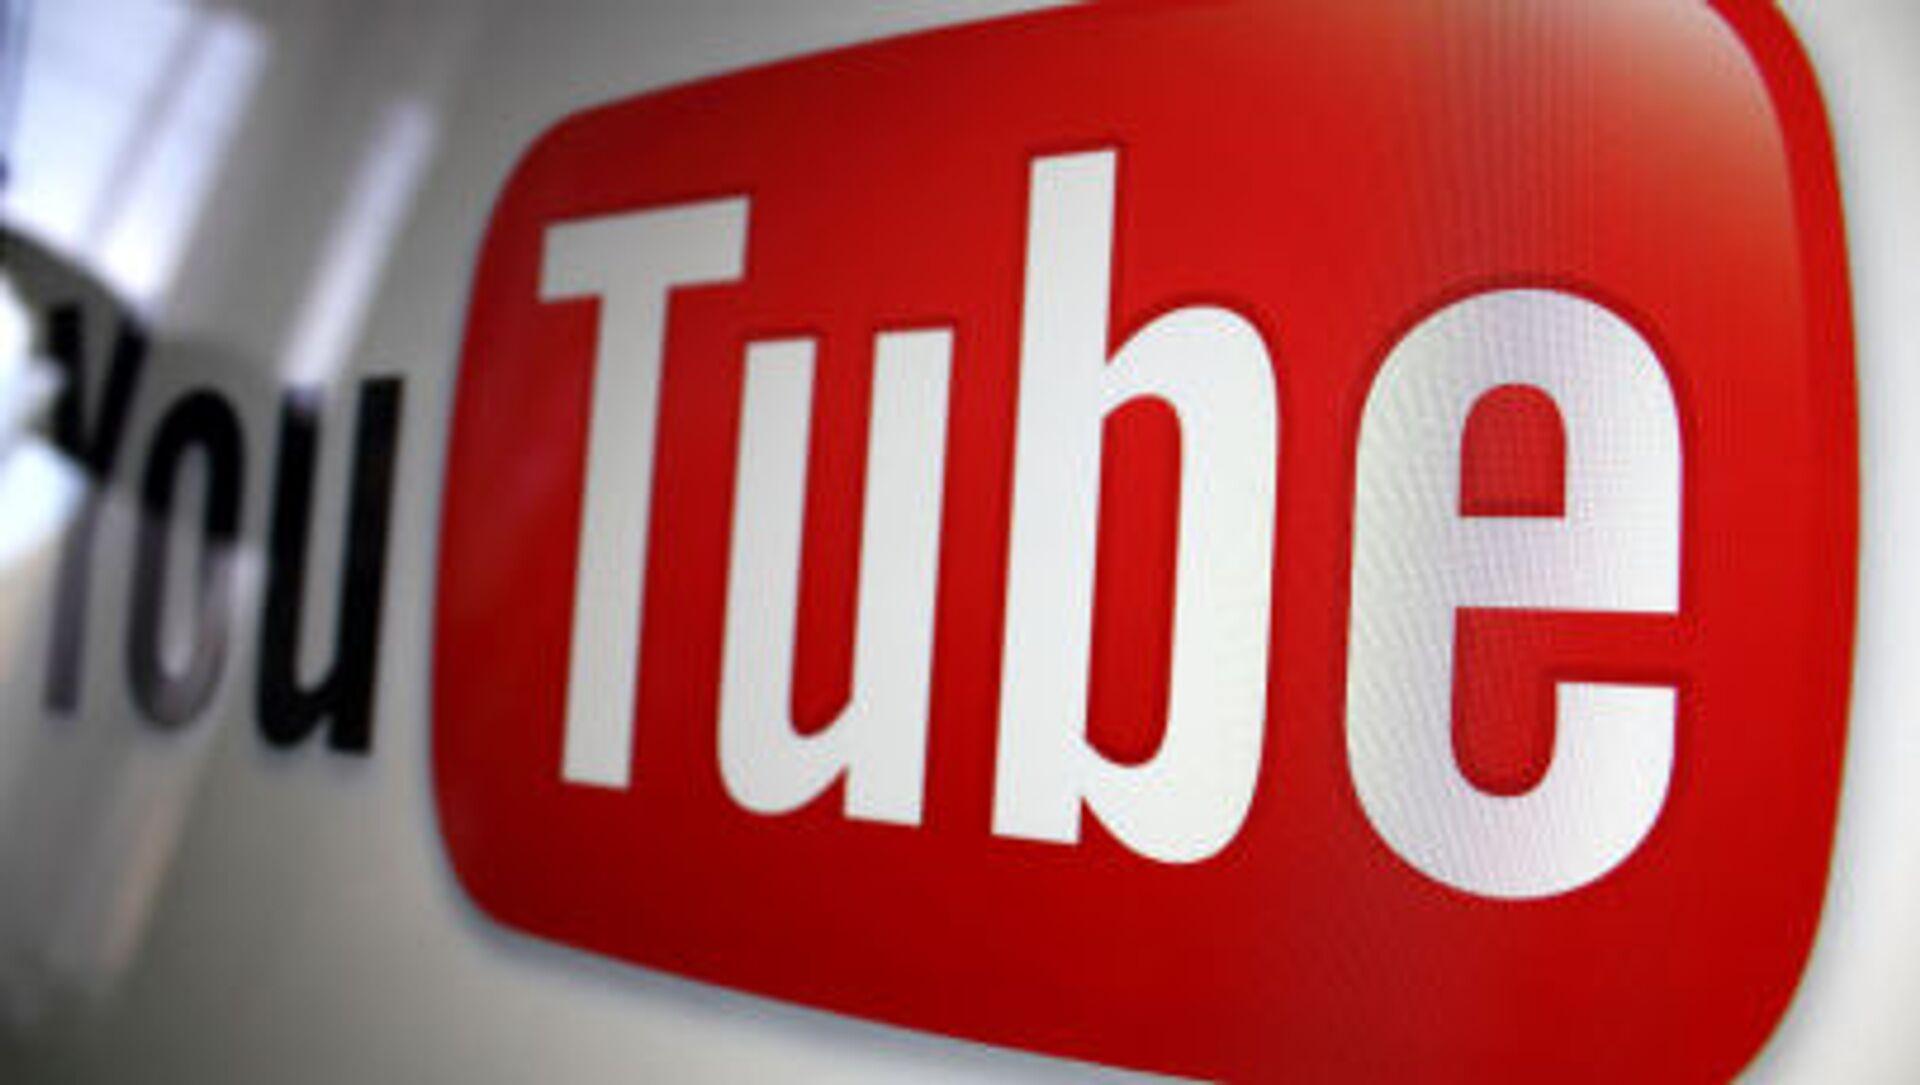 USA, scherzo YouTube finisce male: ventenne finisce ucciso a colpi d'arma da fuoco - Sputnik Italia, 1920, 08.02.2021